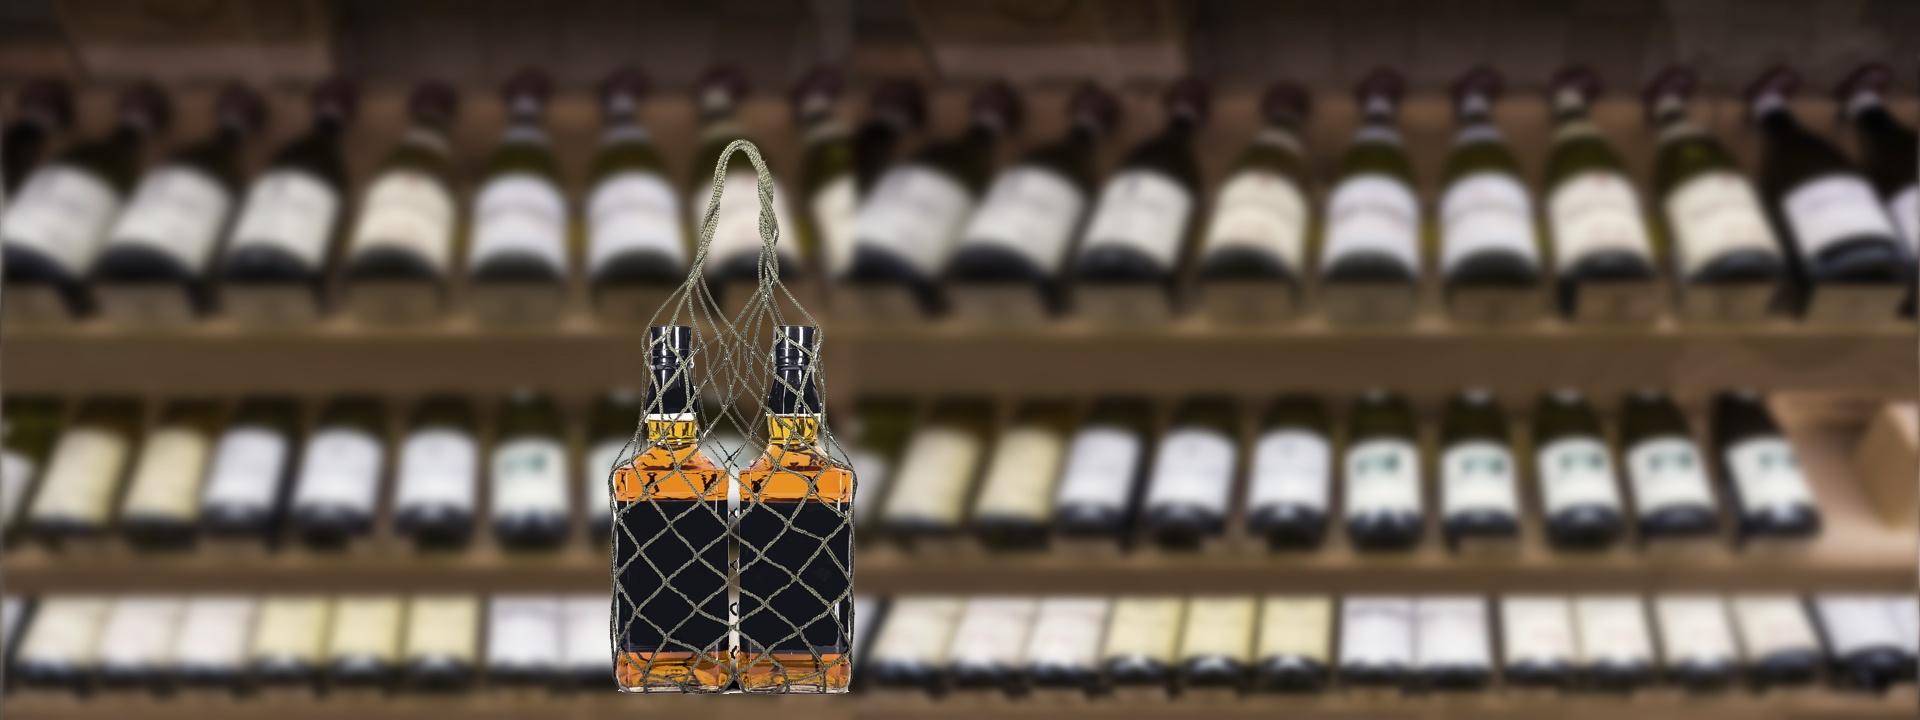 Авоська промо-упаковка для алкогольной продукции